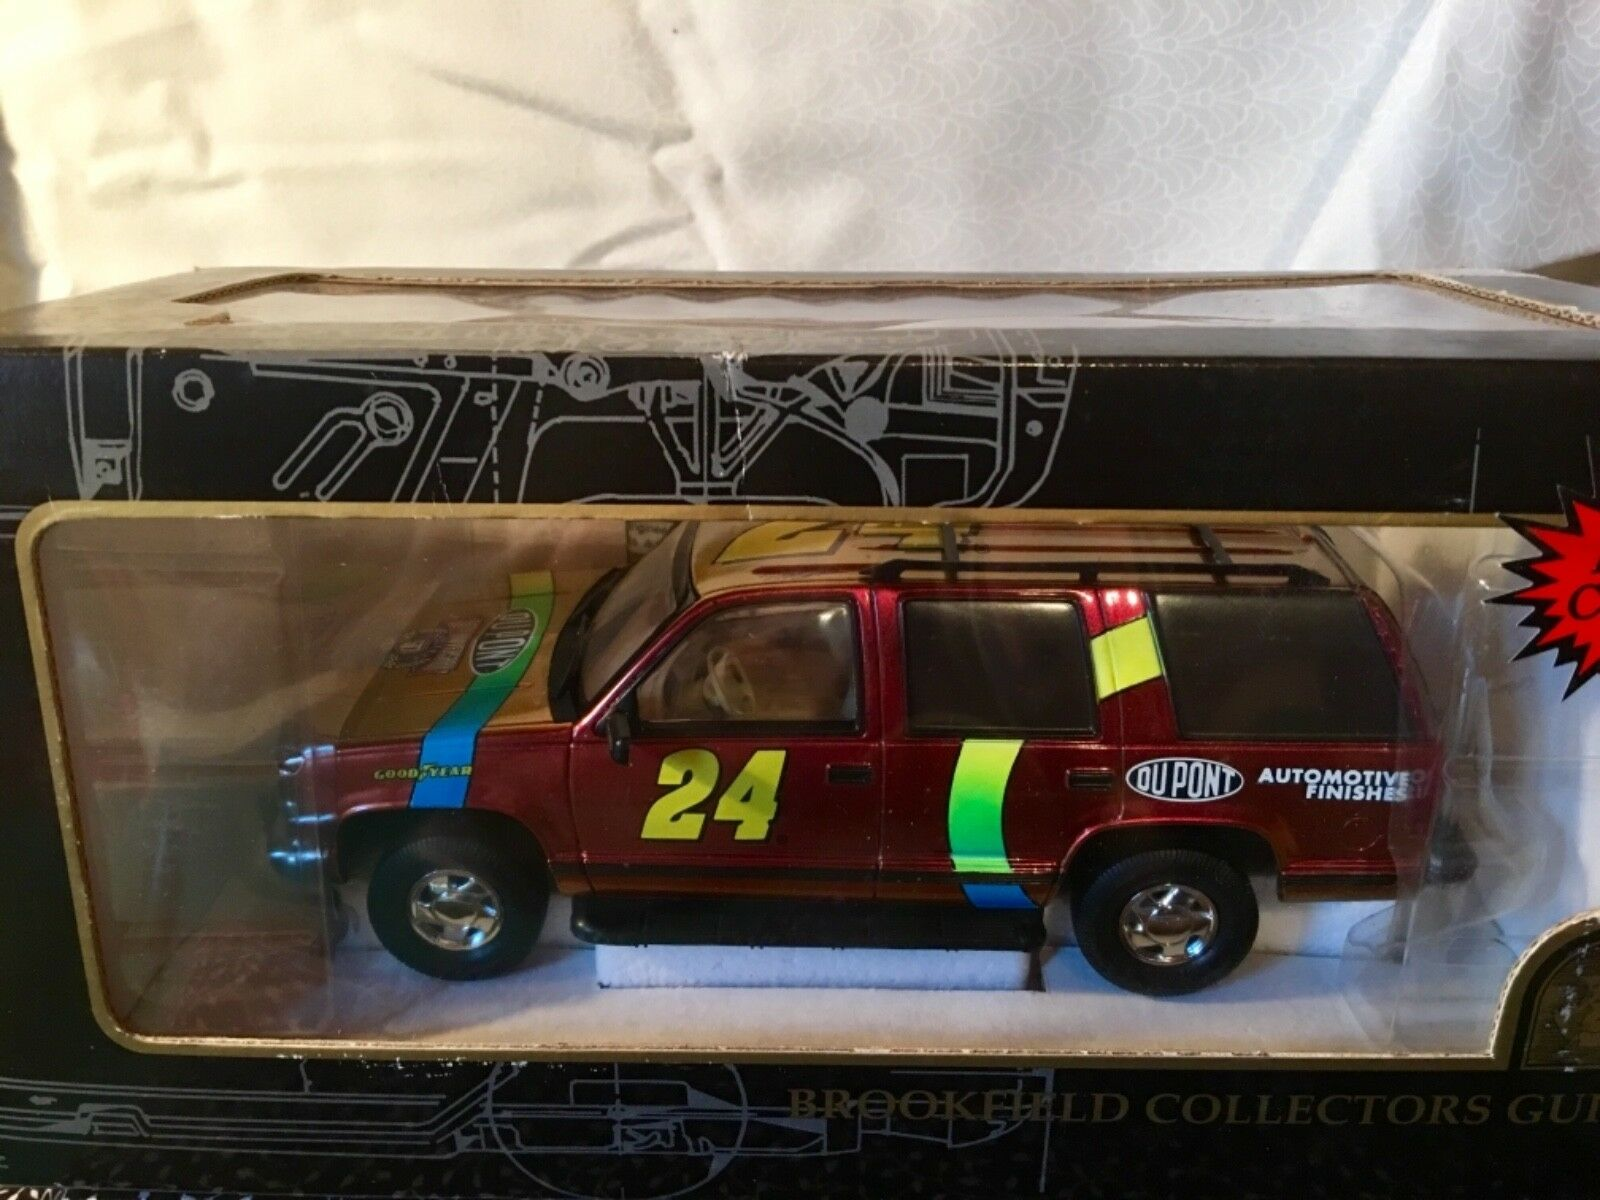 NASCAR DIECAST 1998 JEFF GORDON DUPONT CHROMALUSION 1 25 CHEVROLET TAHOE